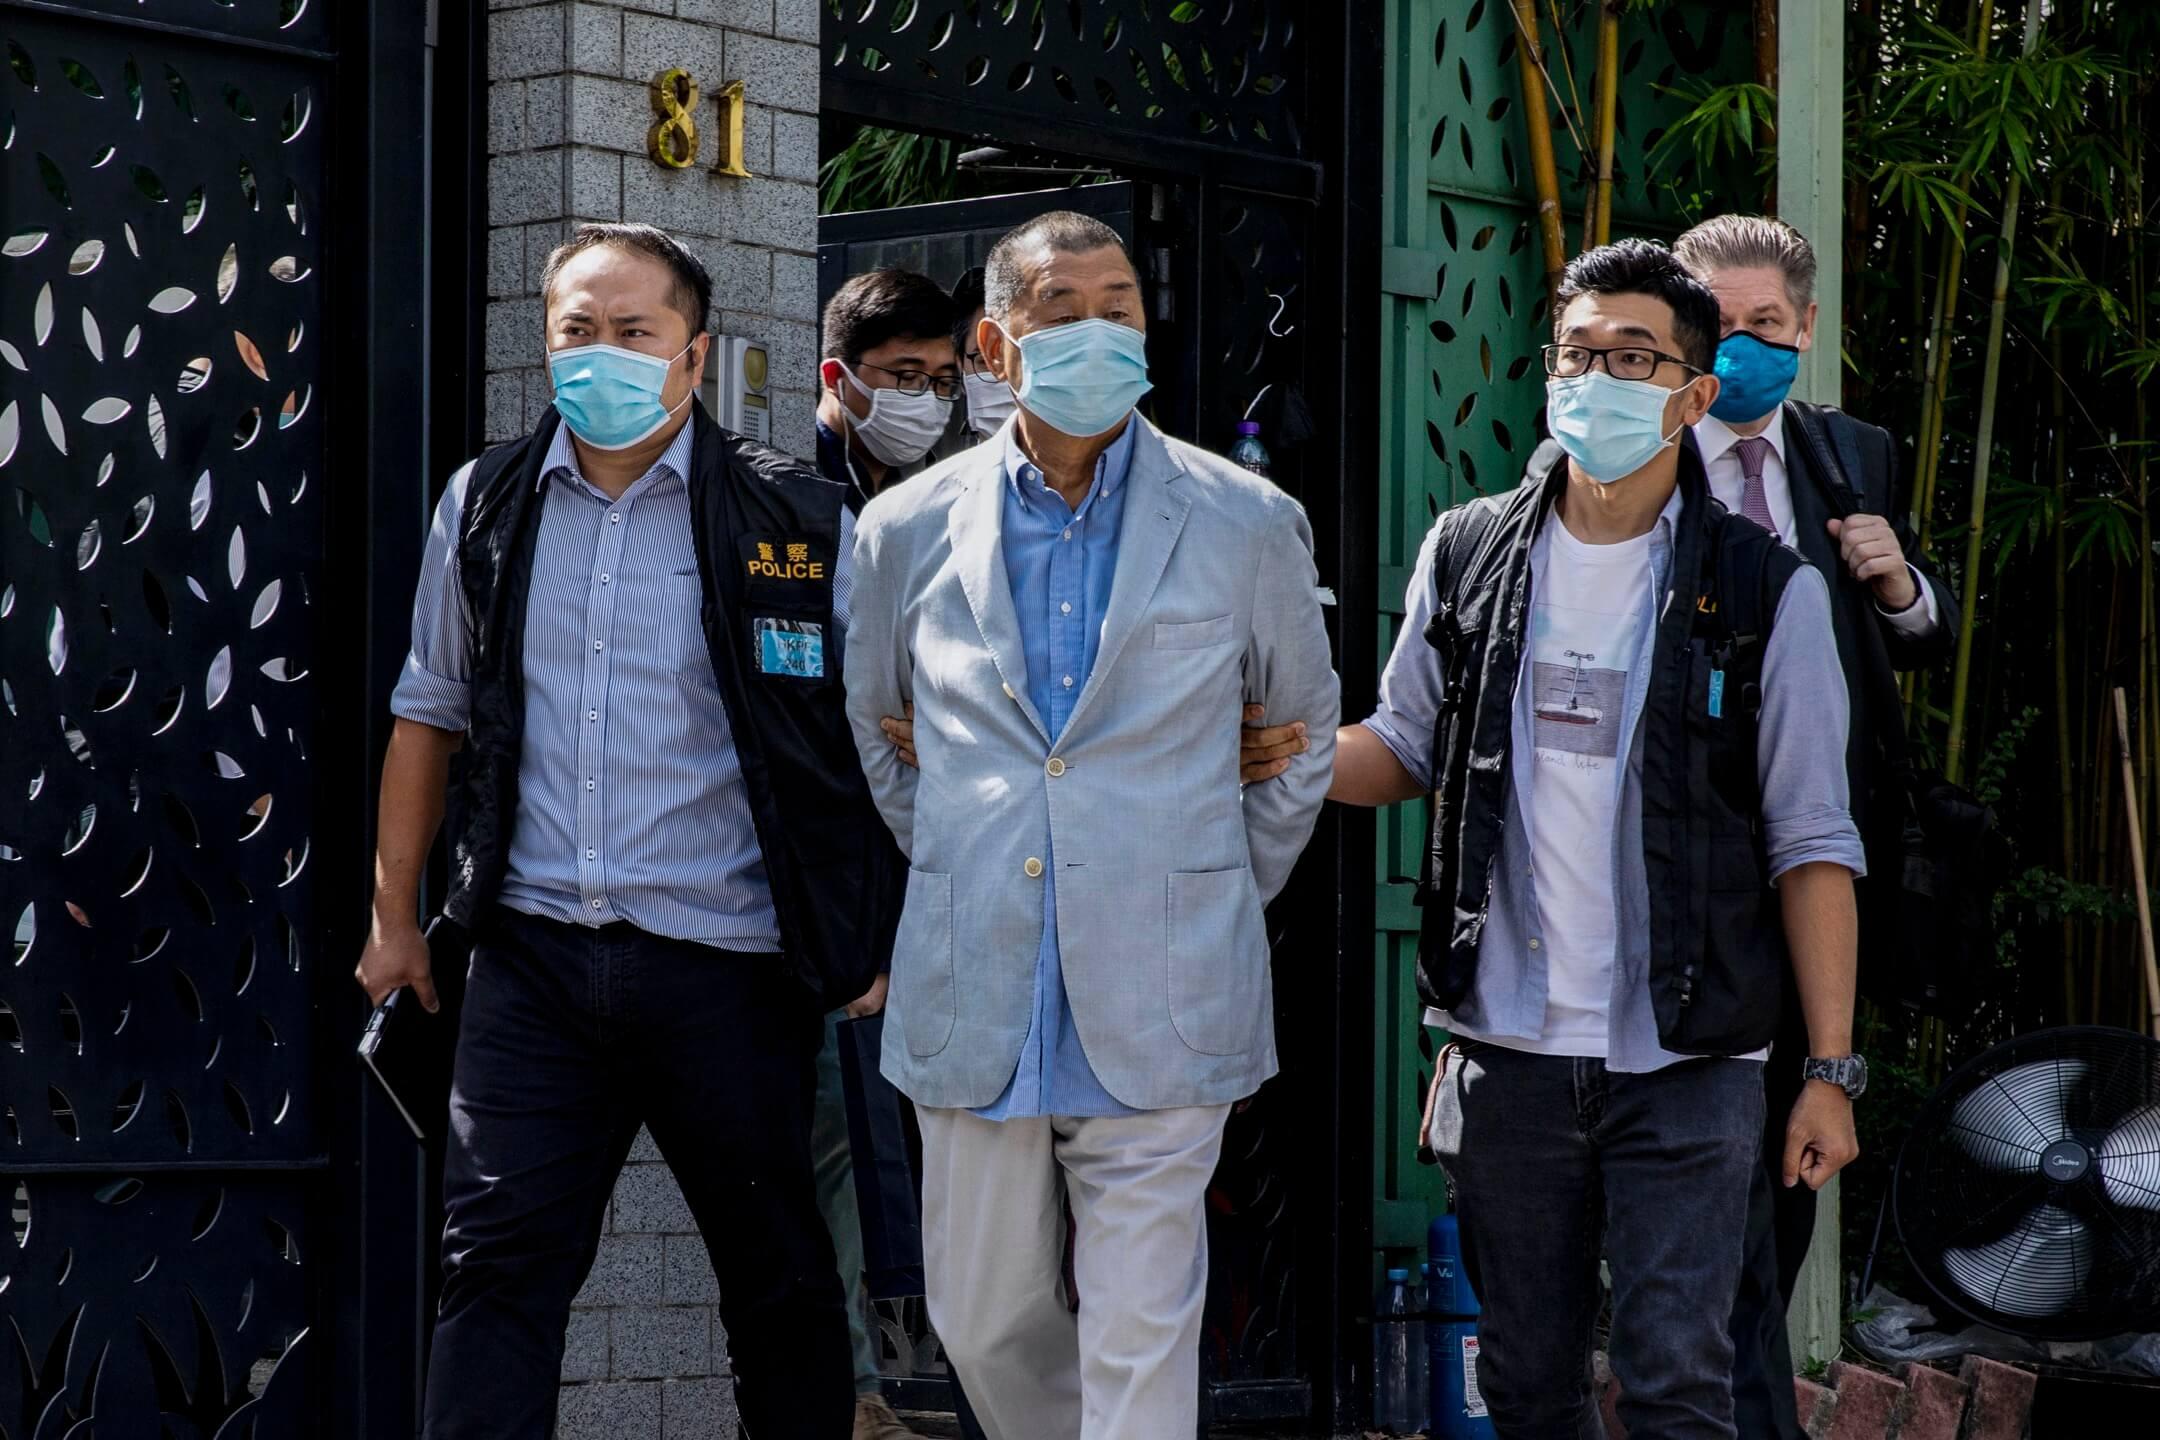 2020年8月10日,《壹傳媒》創辦人黎智英早上在寓所被捕,涉及觸犯國安法罪行。 攝:陳焯煇/端傳媒